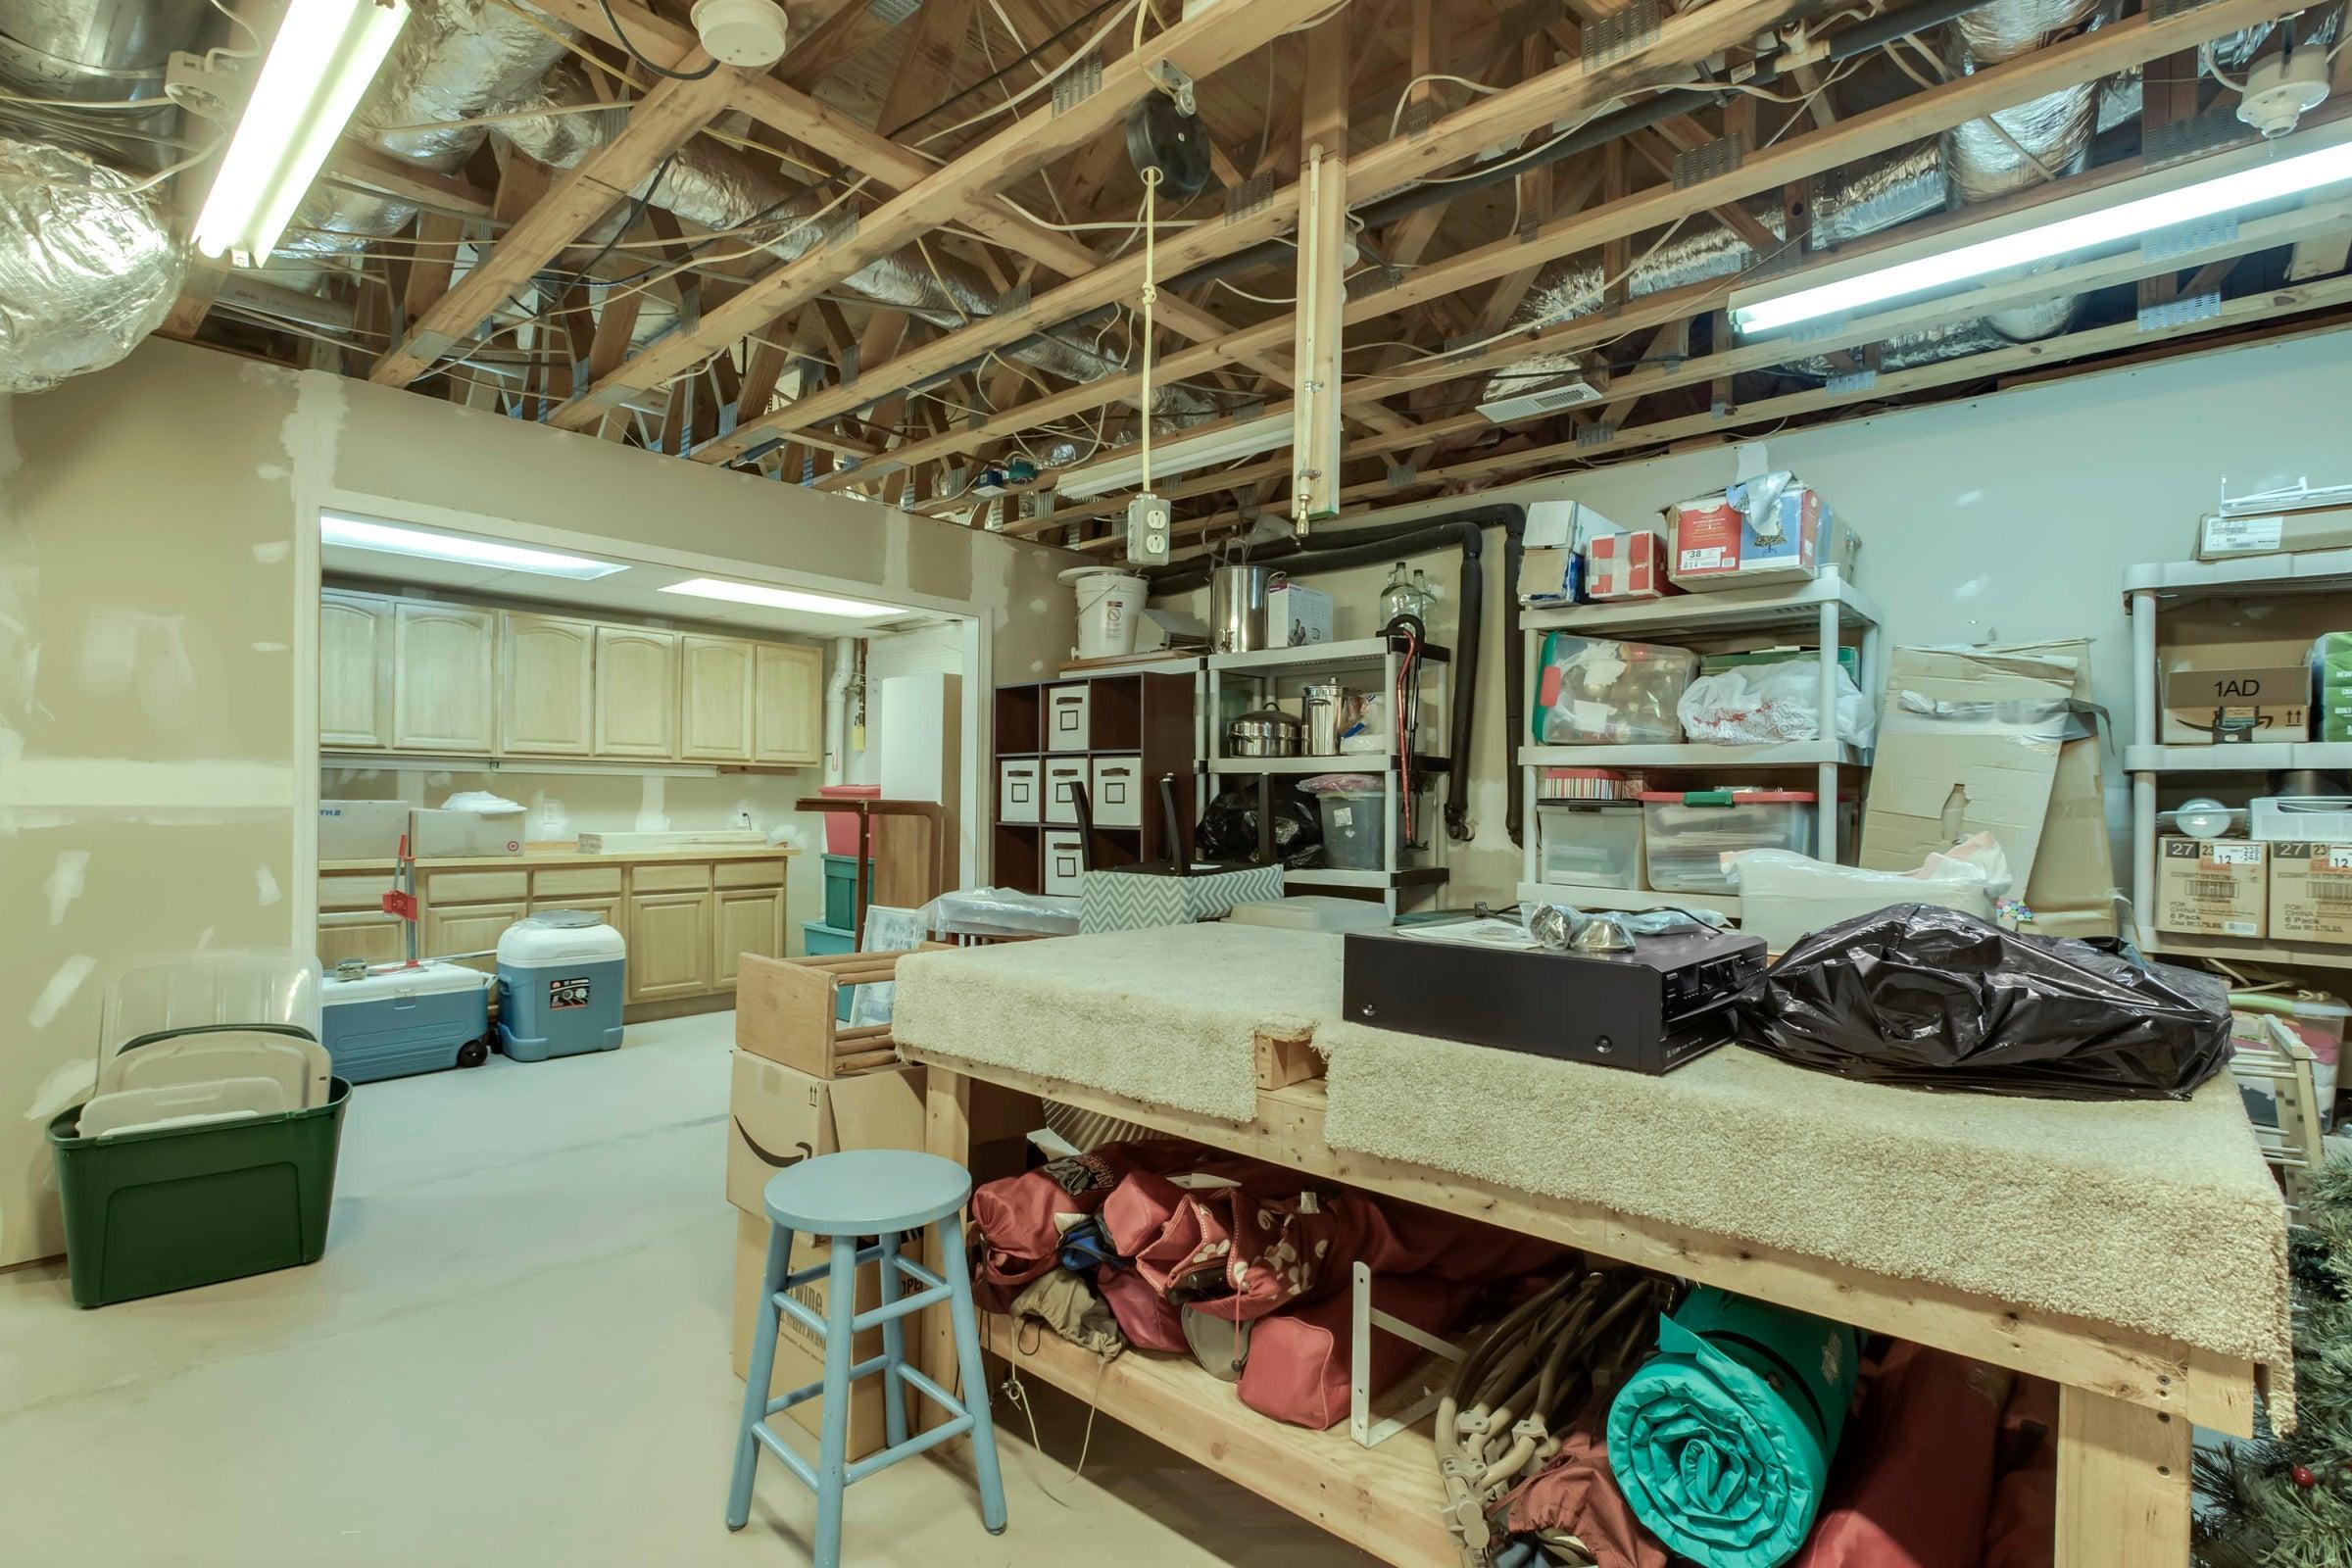 Workshop/Extra Storage